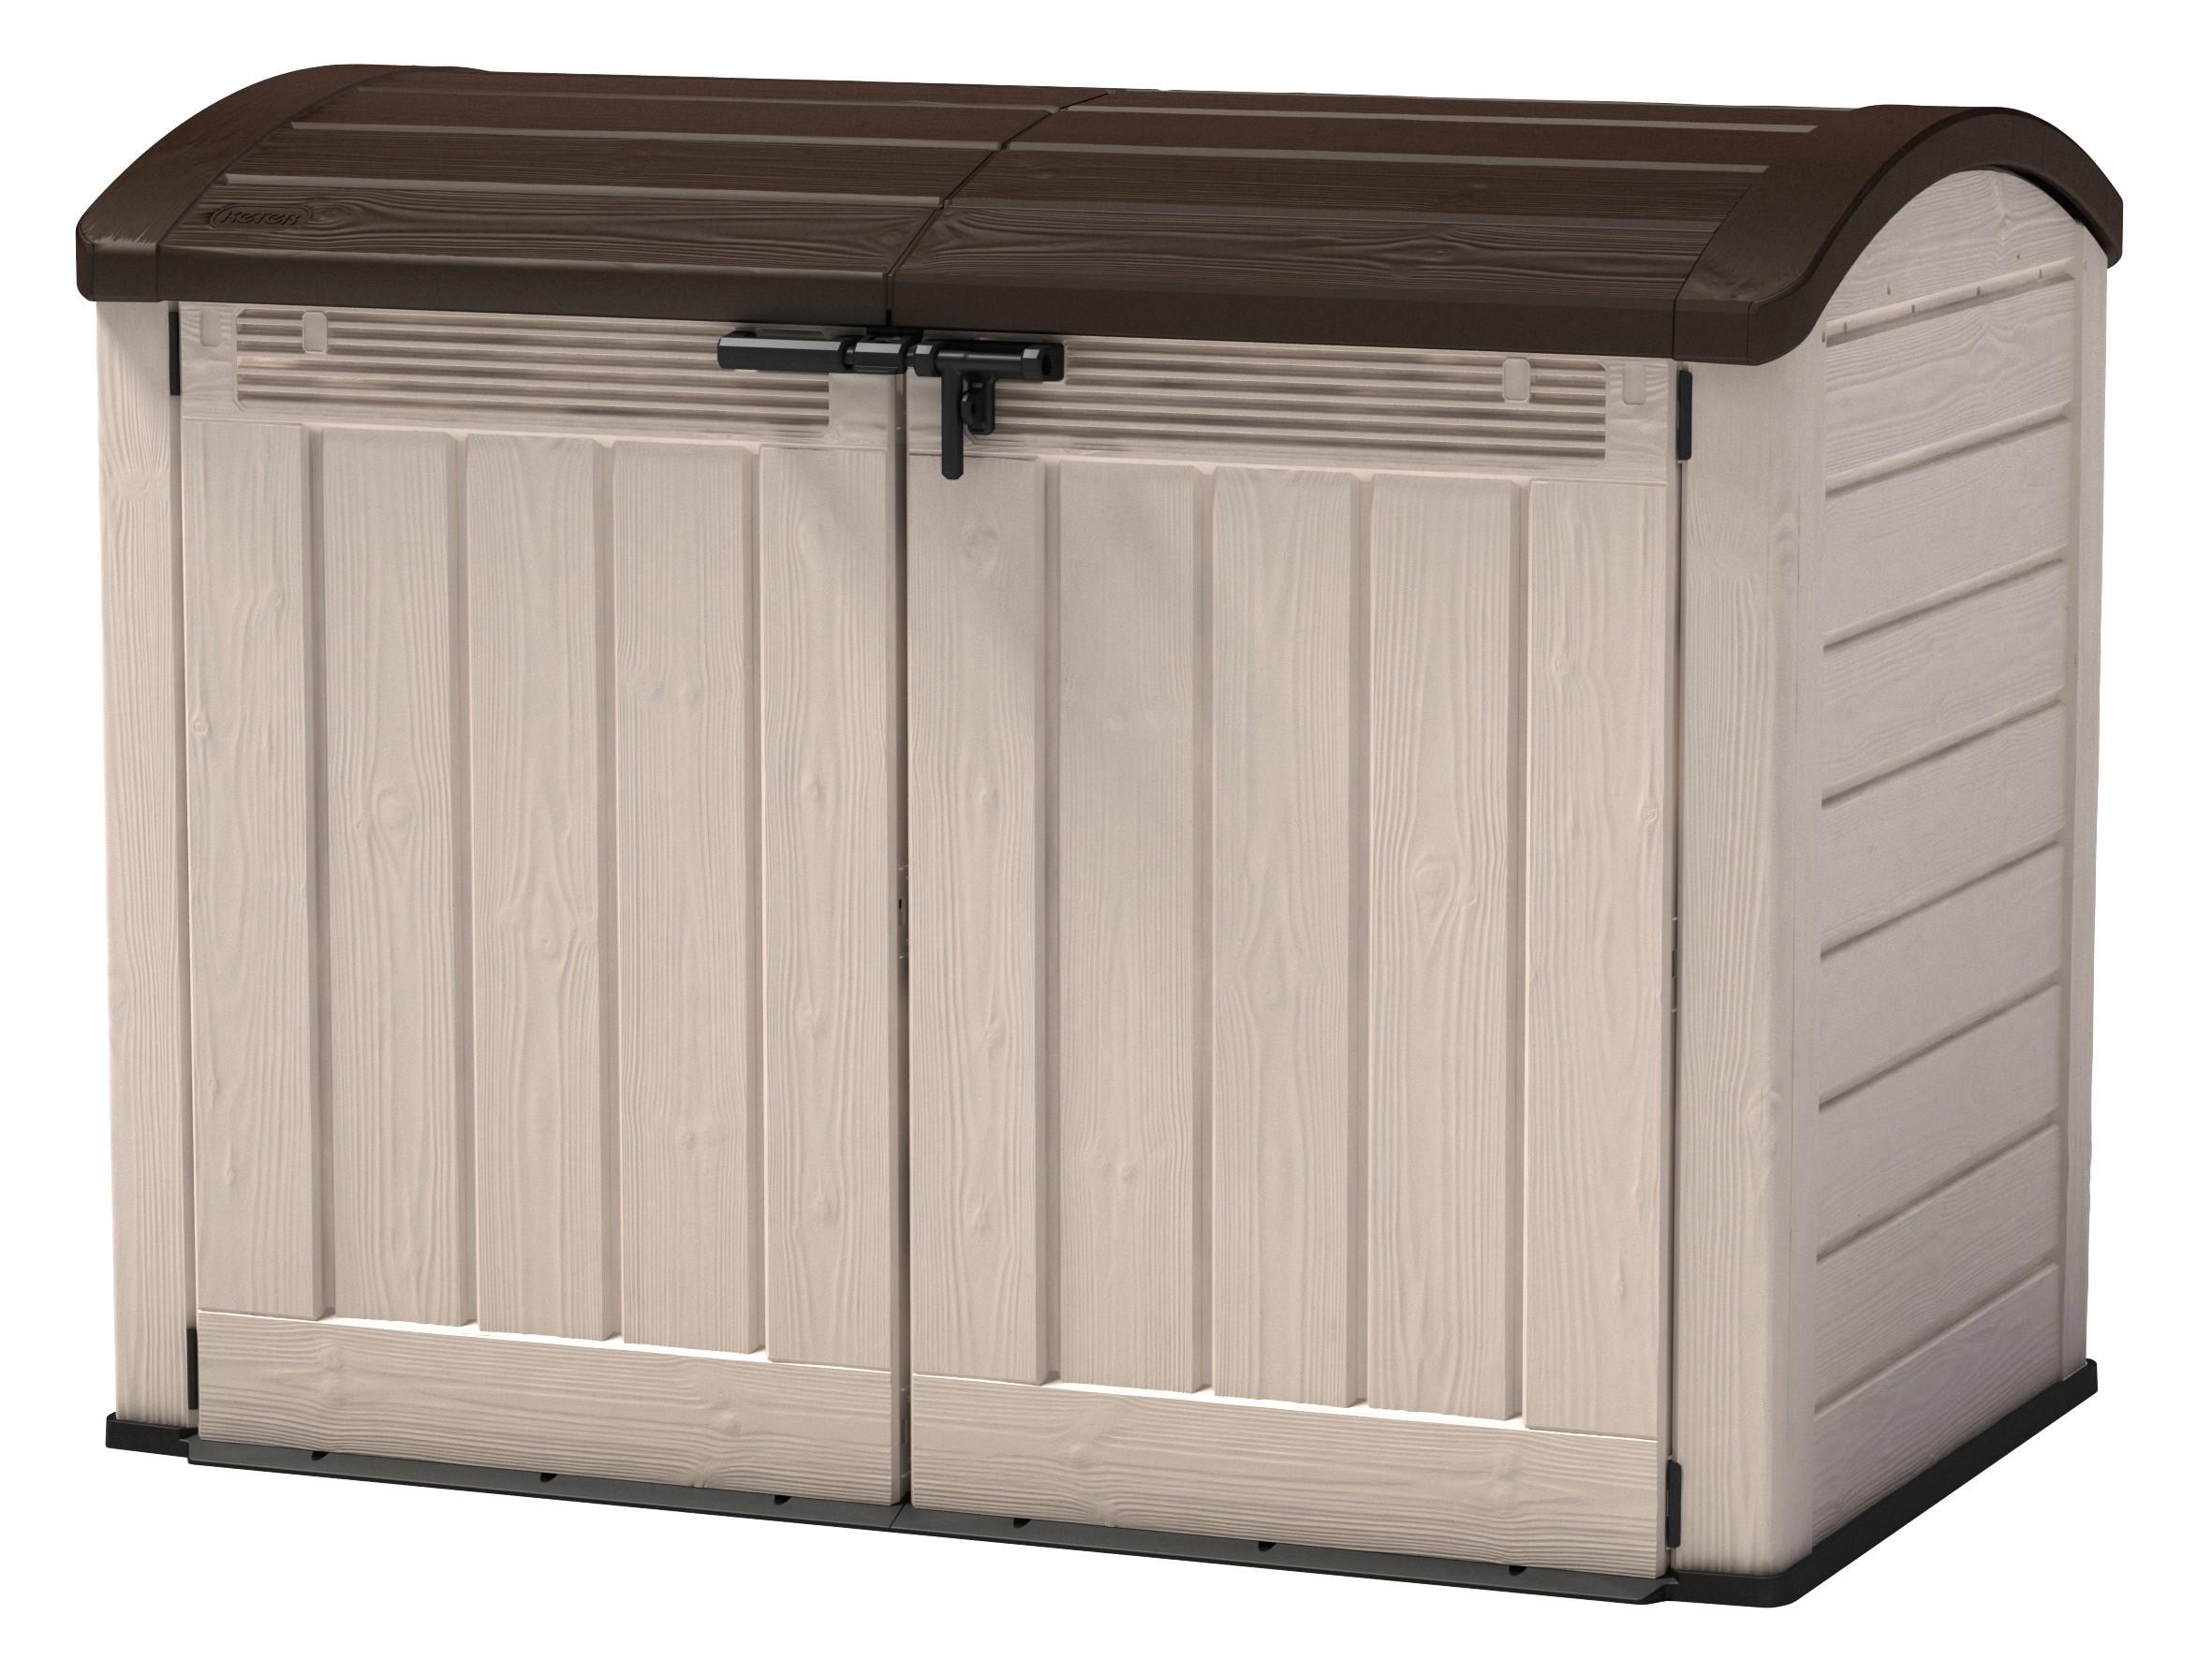 gartenbox aufbewahrungsbox woodland ultra tepro 177x113x134cm beige bei. Black Bedroom Furniture Sets. Home Design Ideas